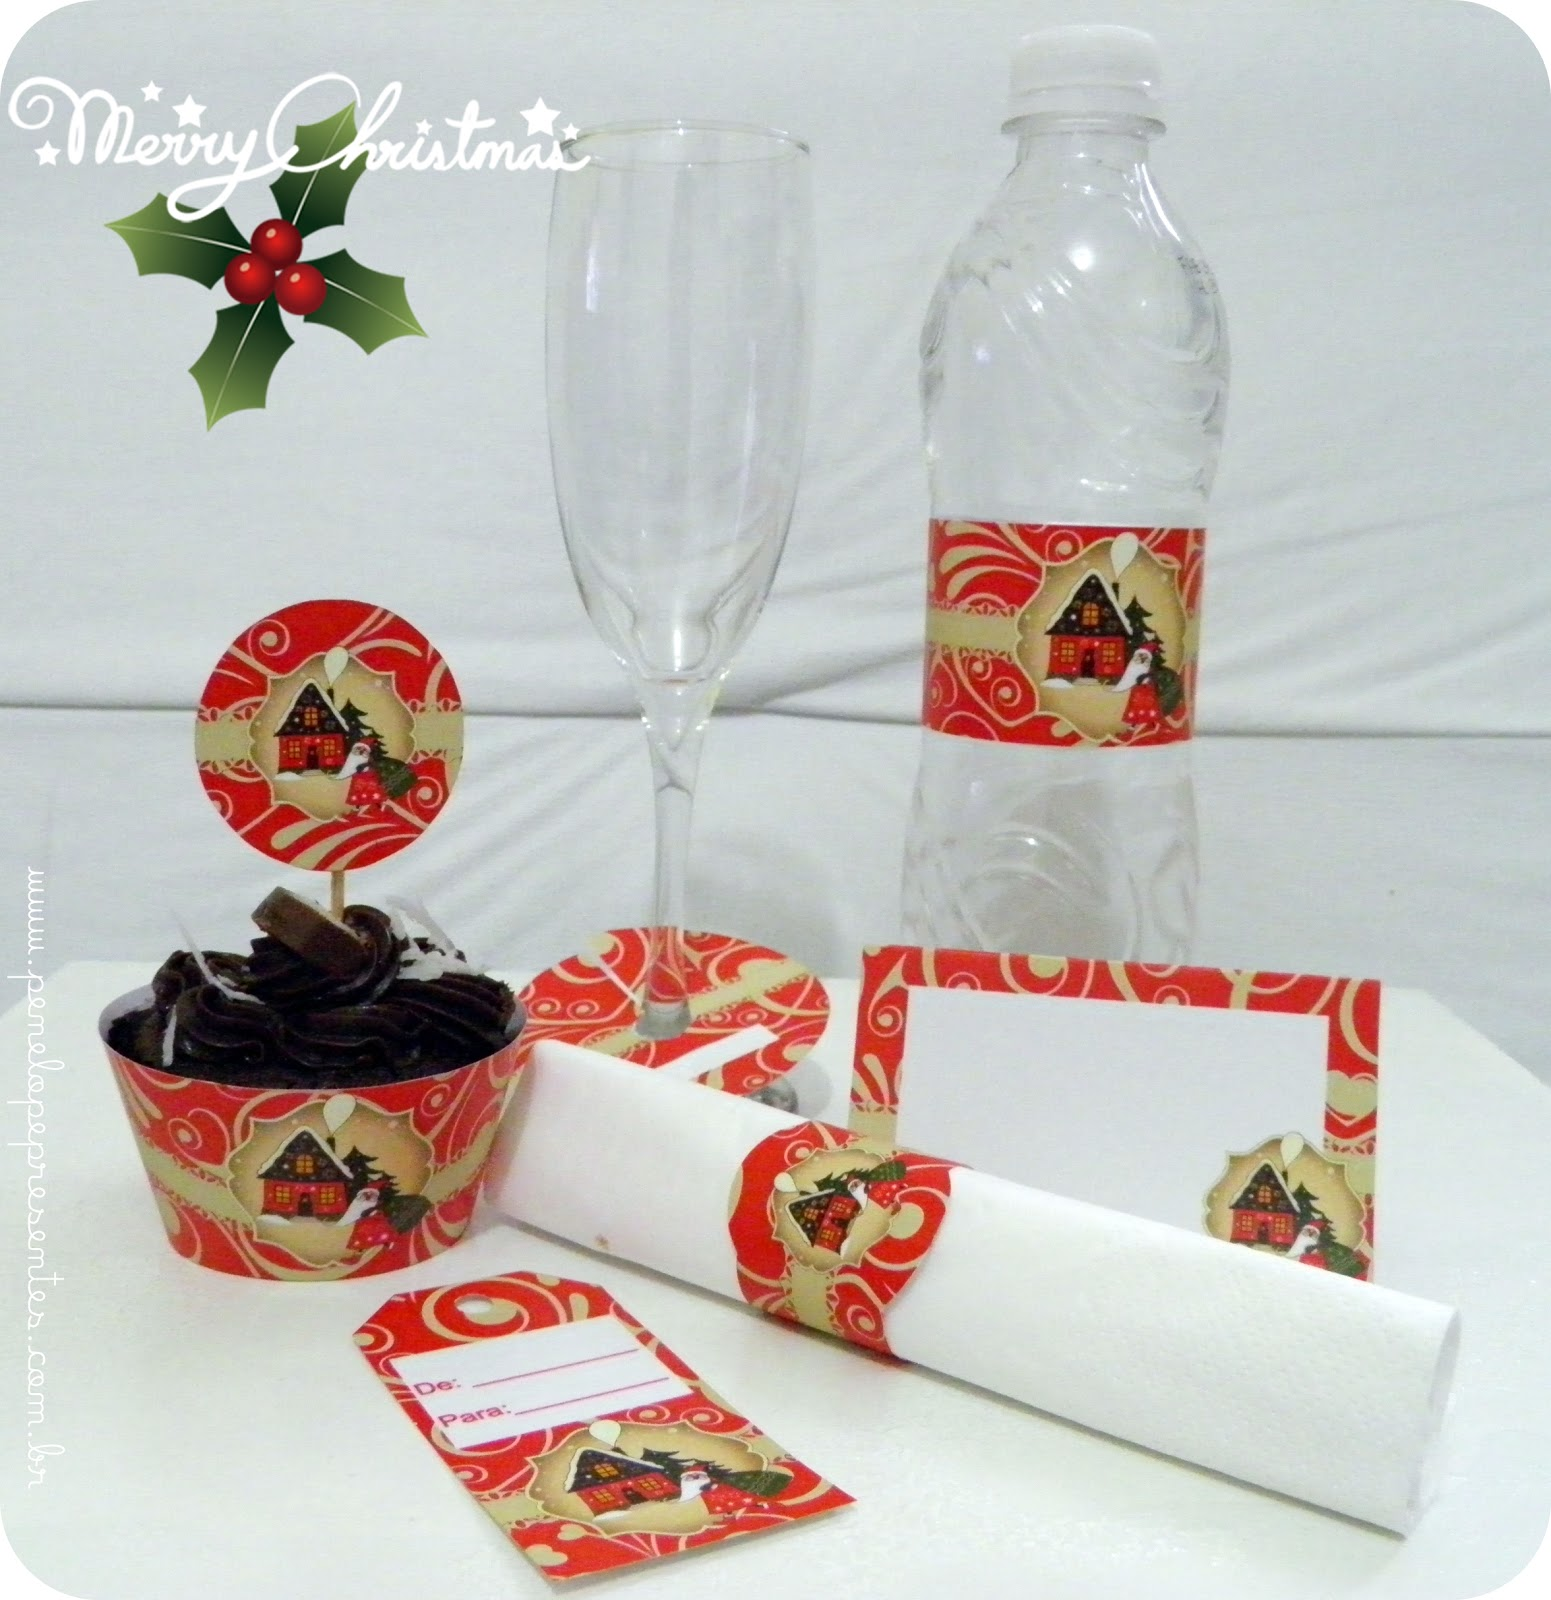 decoracao festa natal:Blog Penéllope: Ideias Decoração Natal 2012